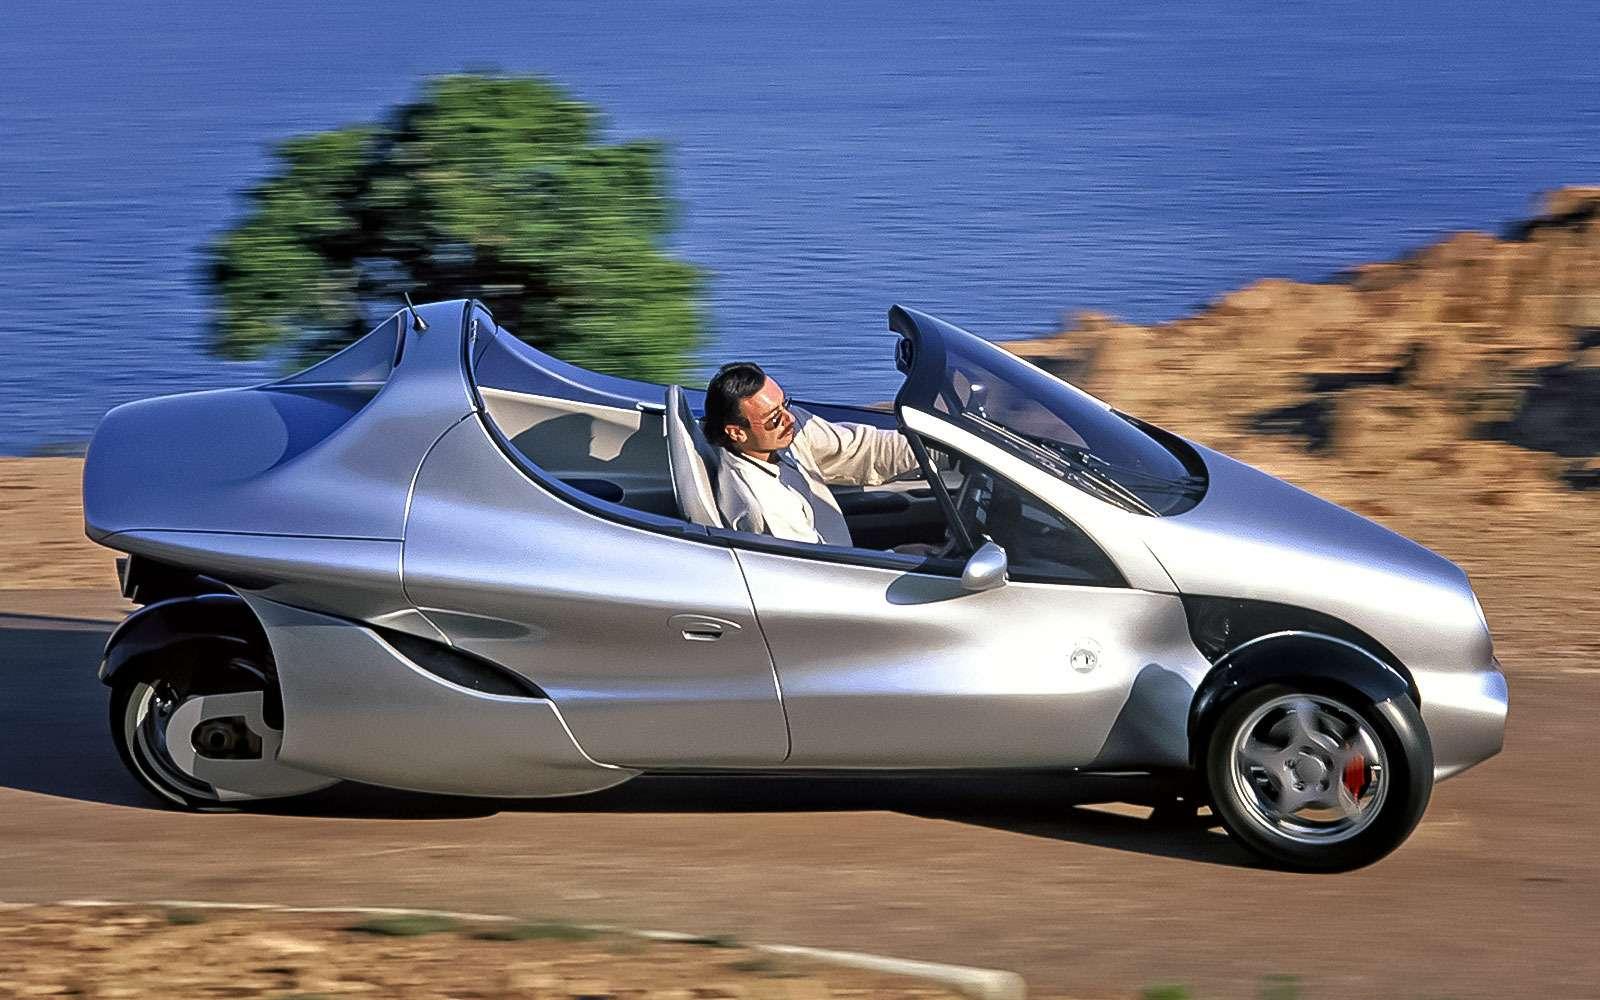 1997 Mercedes-Benz F300 Life Jet